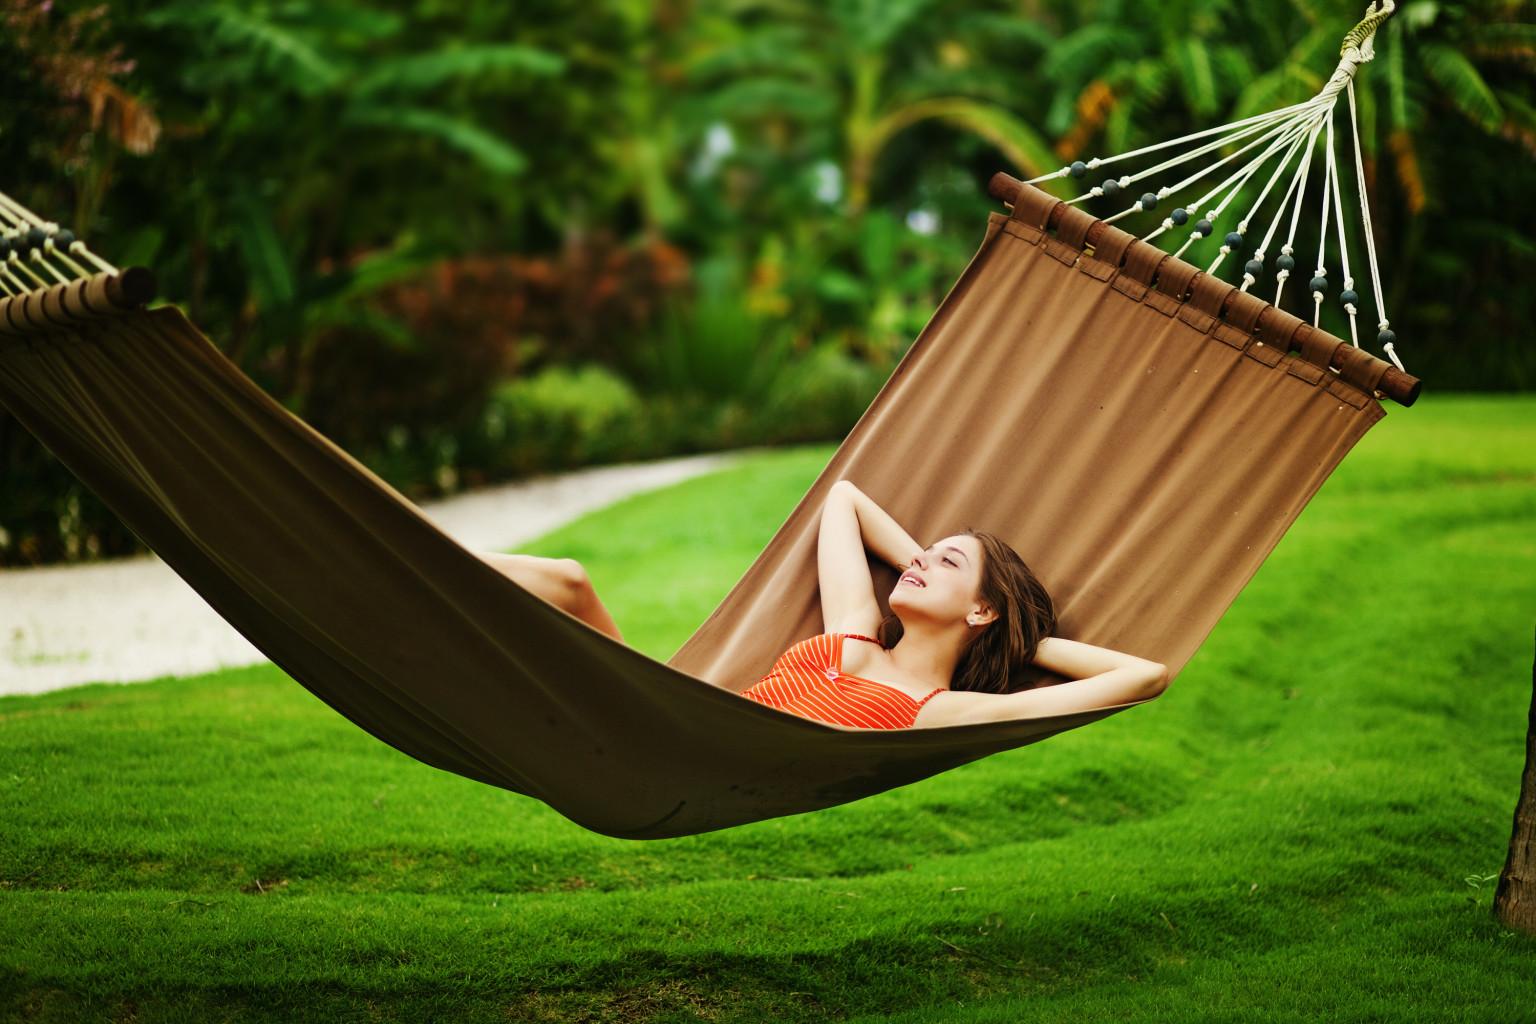 site de encontros relax jn